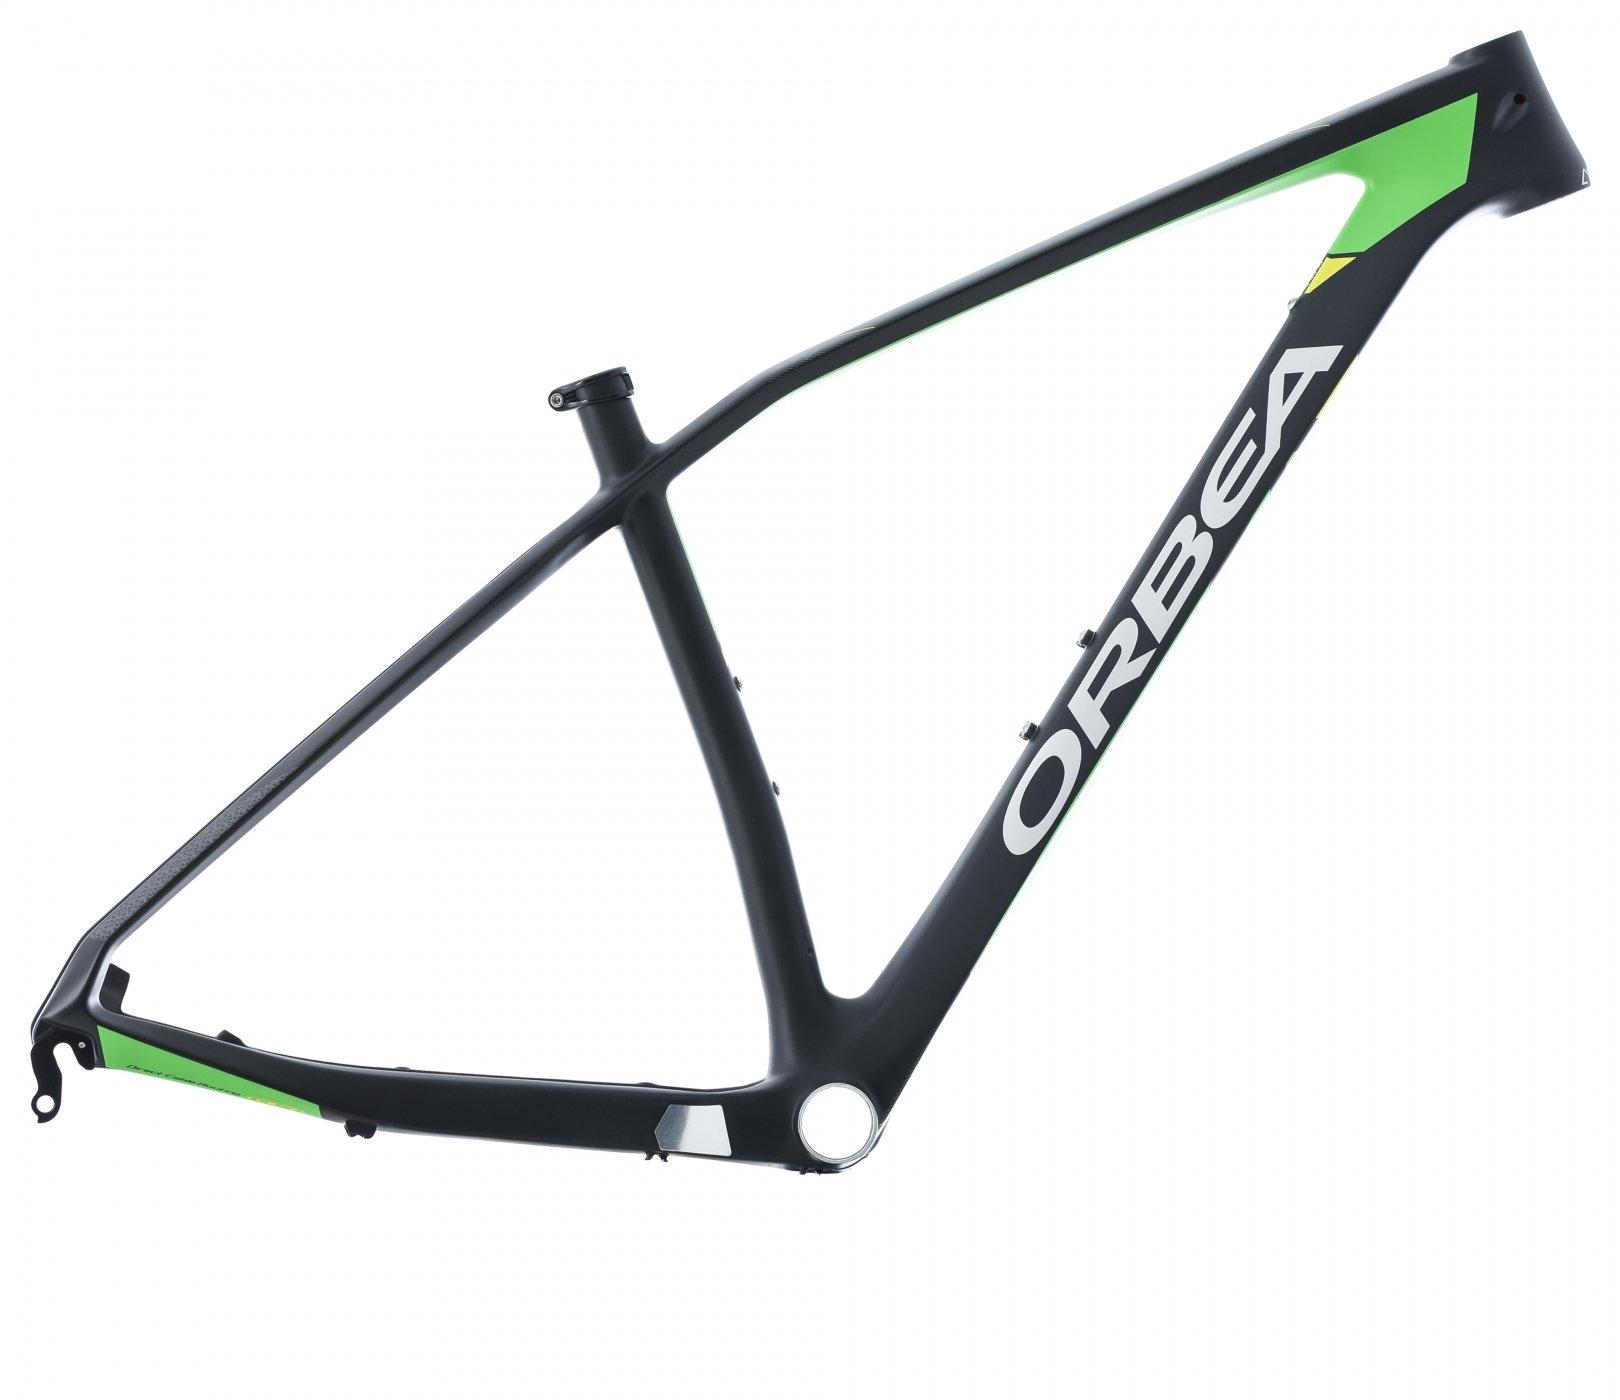 Bicicleta Montaña Orbea alma M50, 29 pulgadas, talla M, verde-amarillo: Amazon.es: Deportes y aire libre